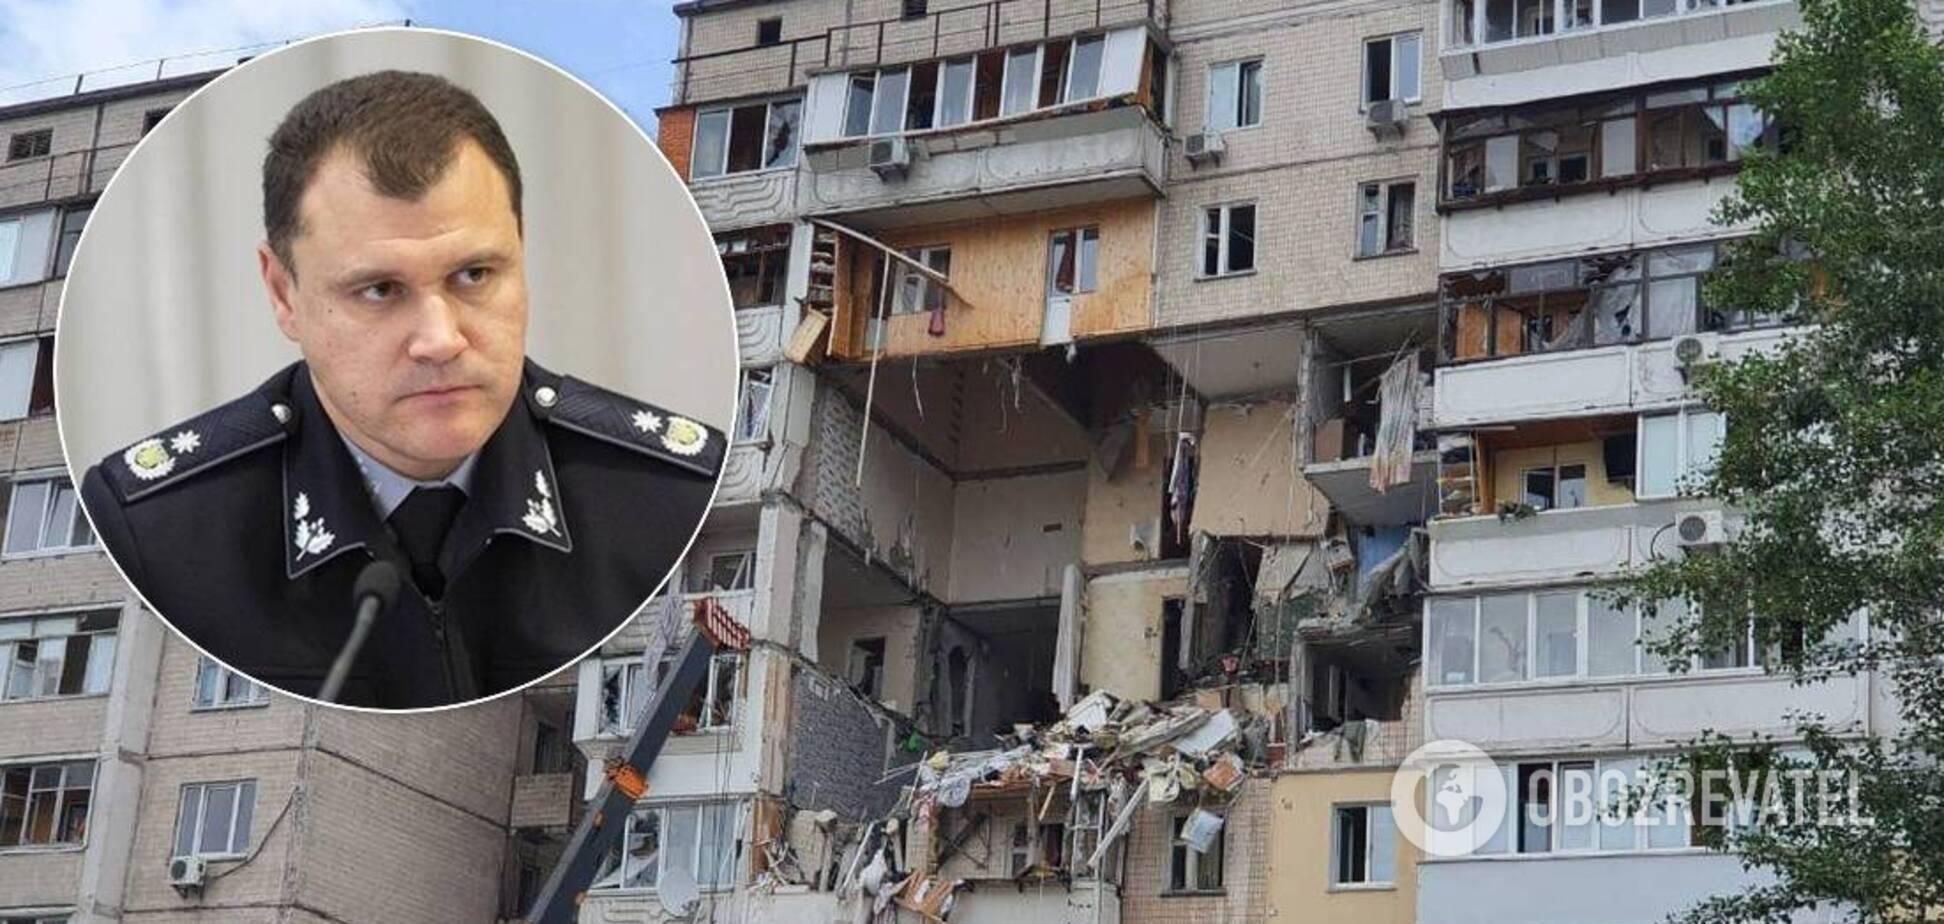 Ігор Клименко заявив, що підозри висунуть після результатів експертиз